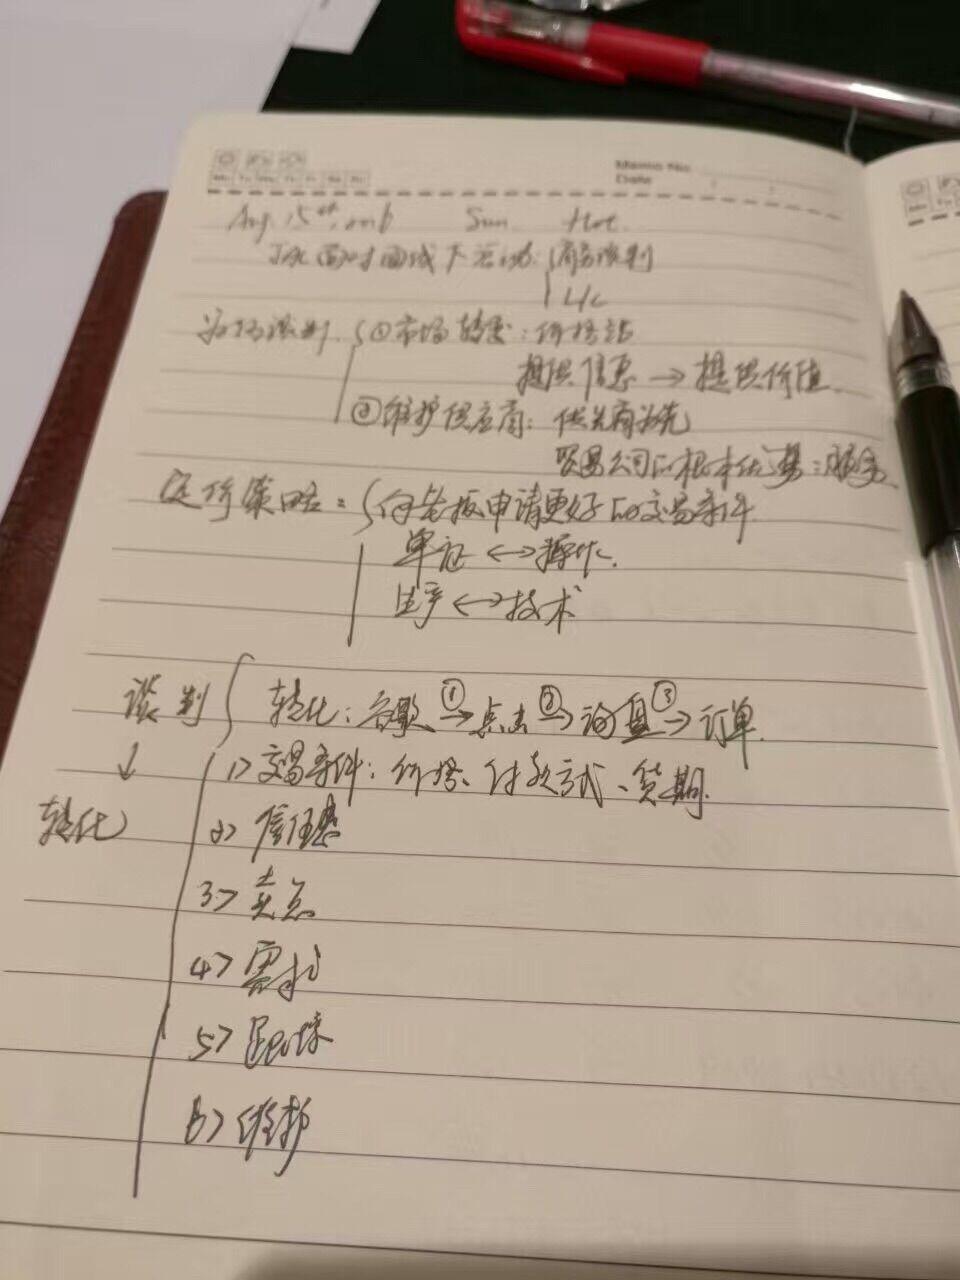 2016秋季JAC外贸分享会 — 杭州站,会议记录 – Marrry